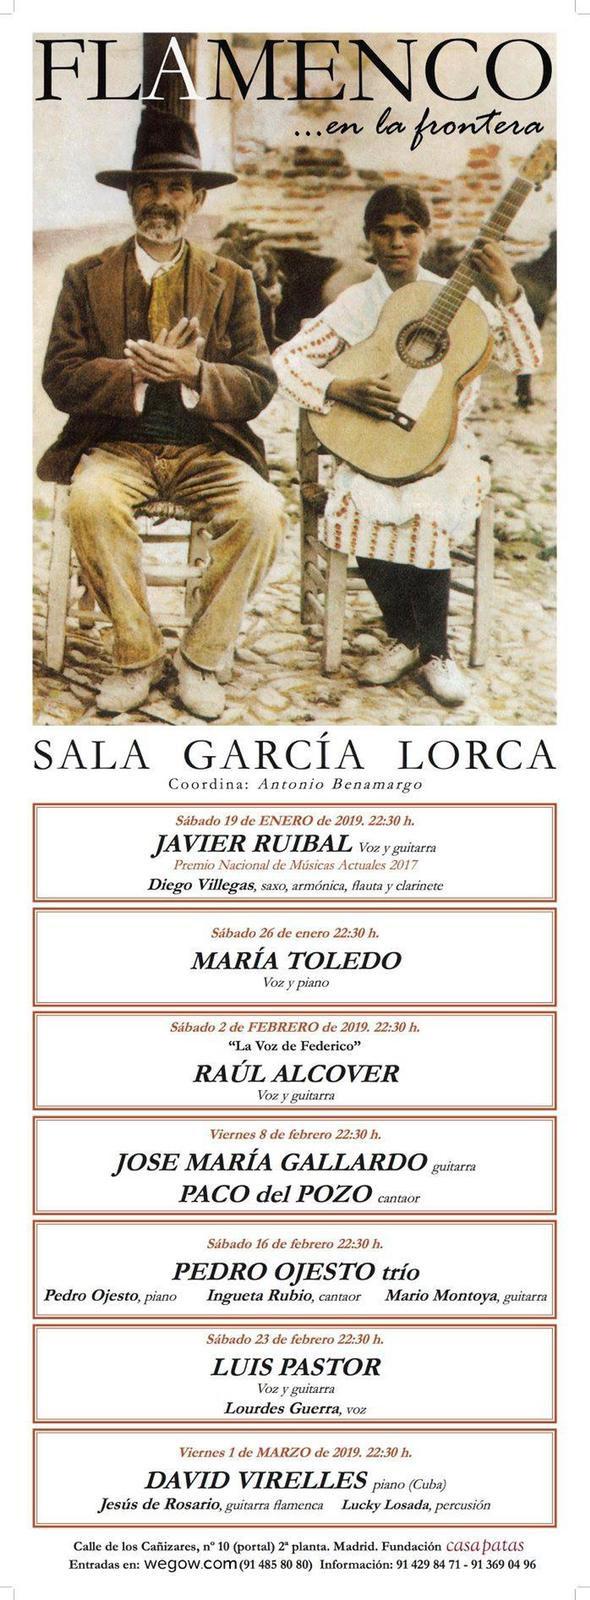 Flamenco en la Frontera Sala García Lorca